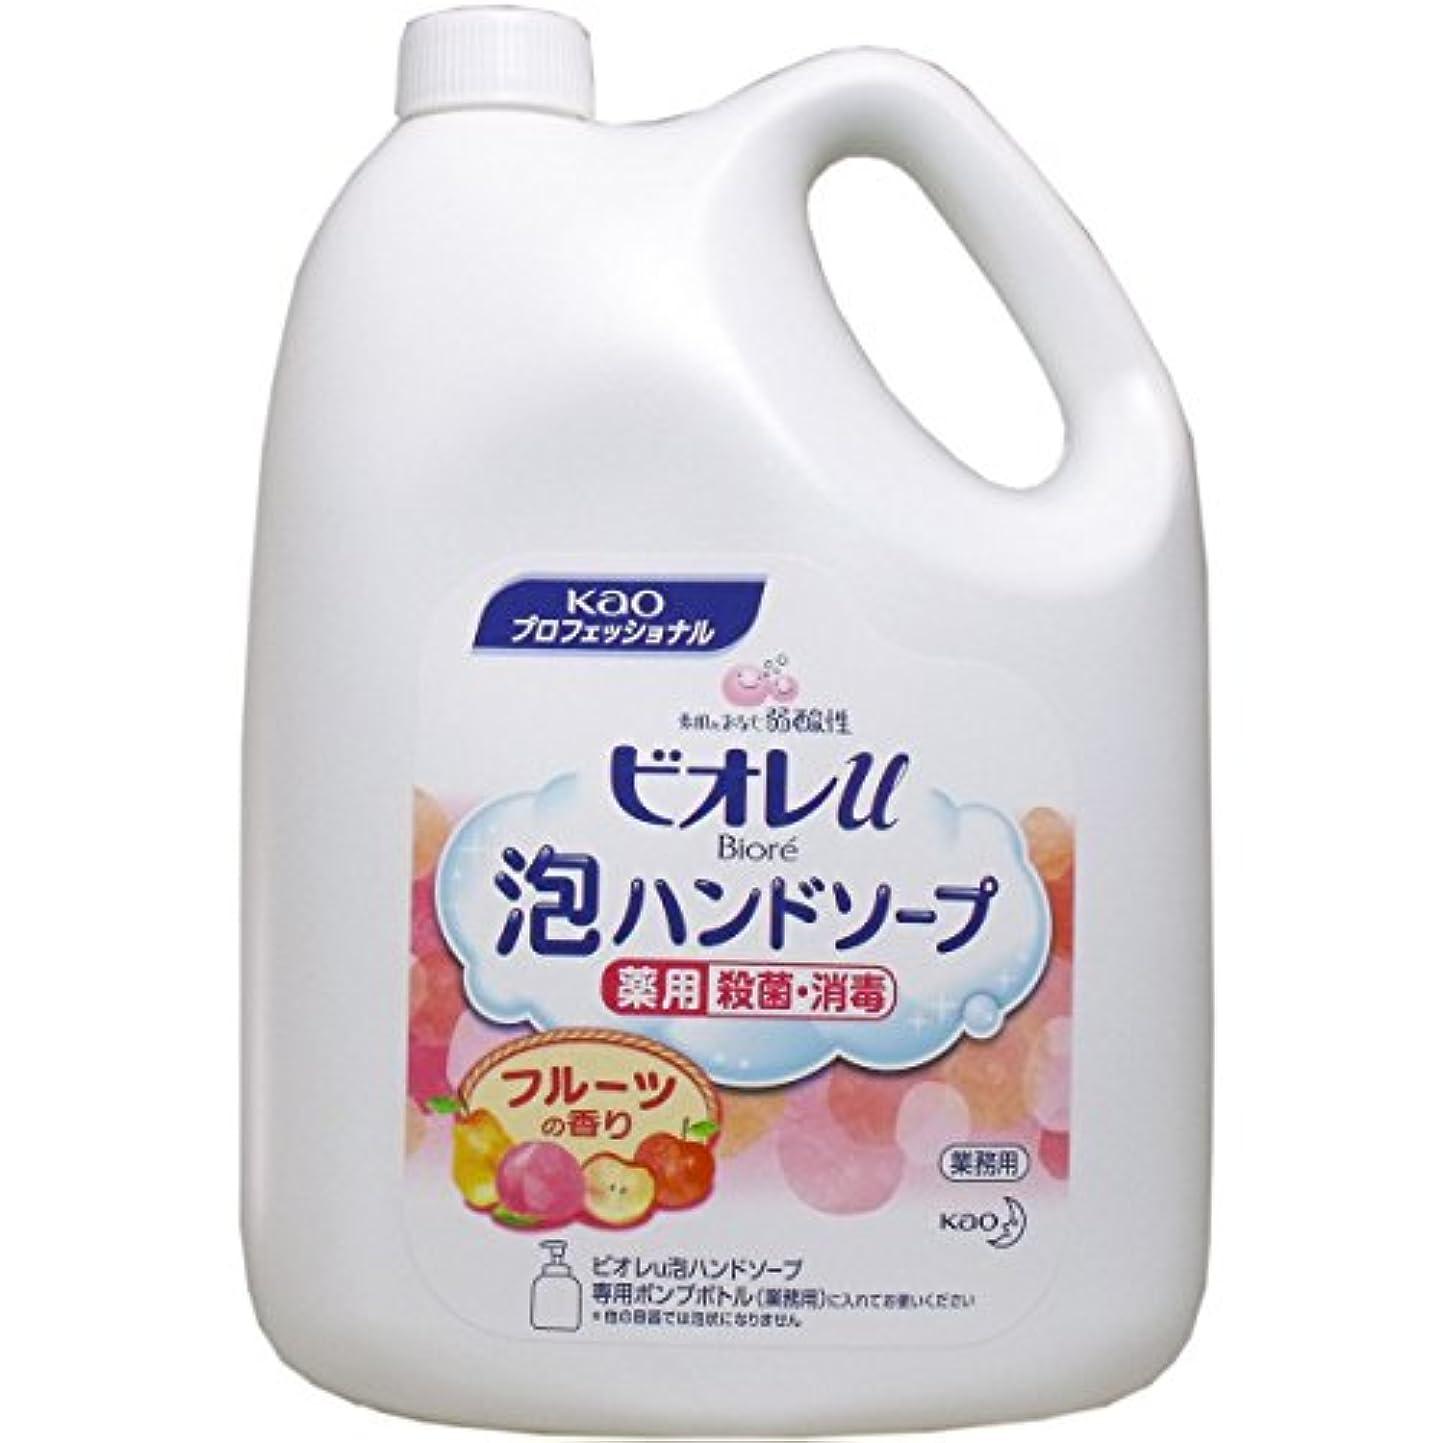 ミルク抑圧する疲労業務用ハンドソープ【花王 業務用ビオレU 泡ハンドソープ フルーツの香り 4L】